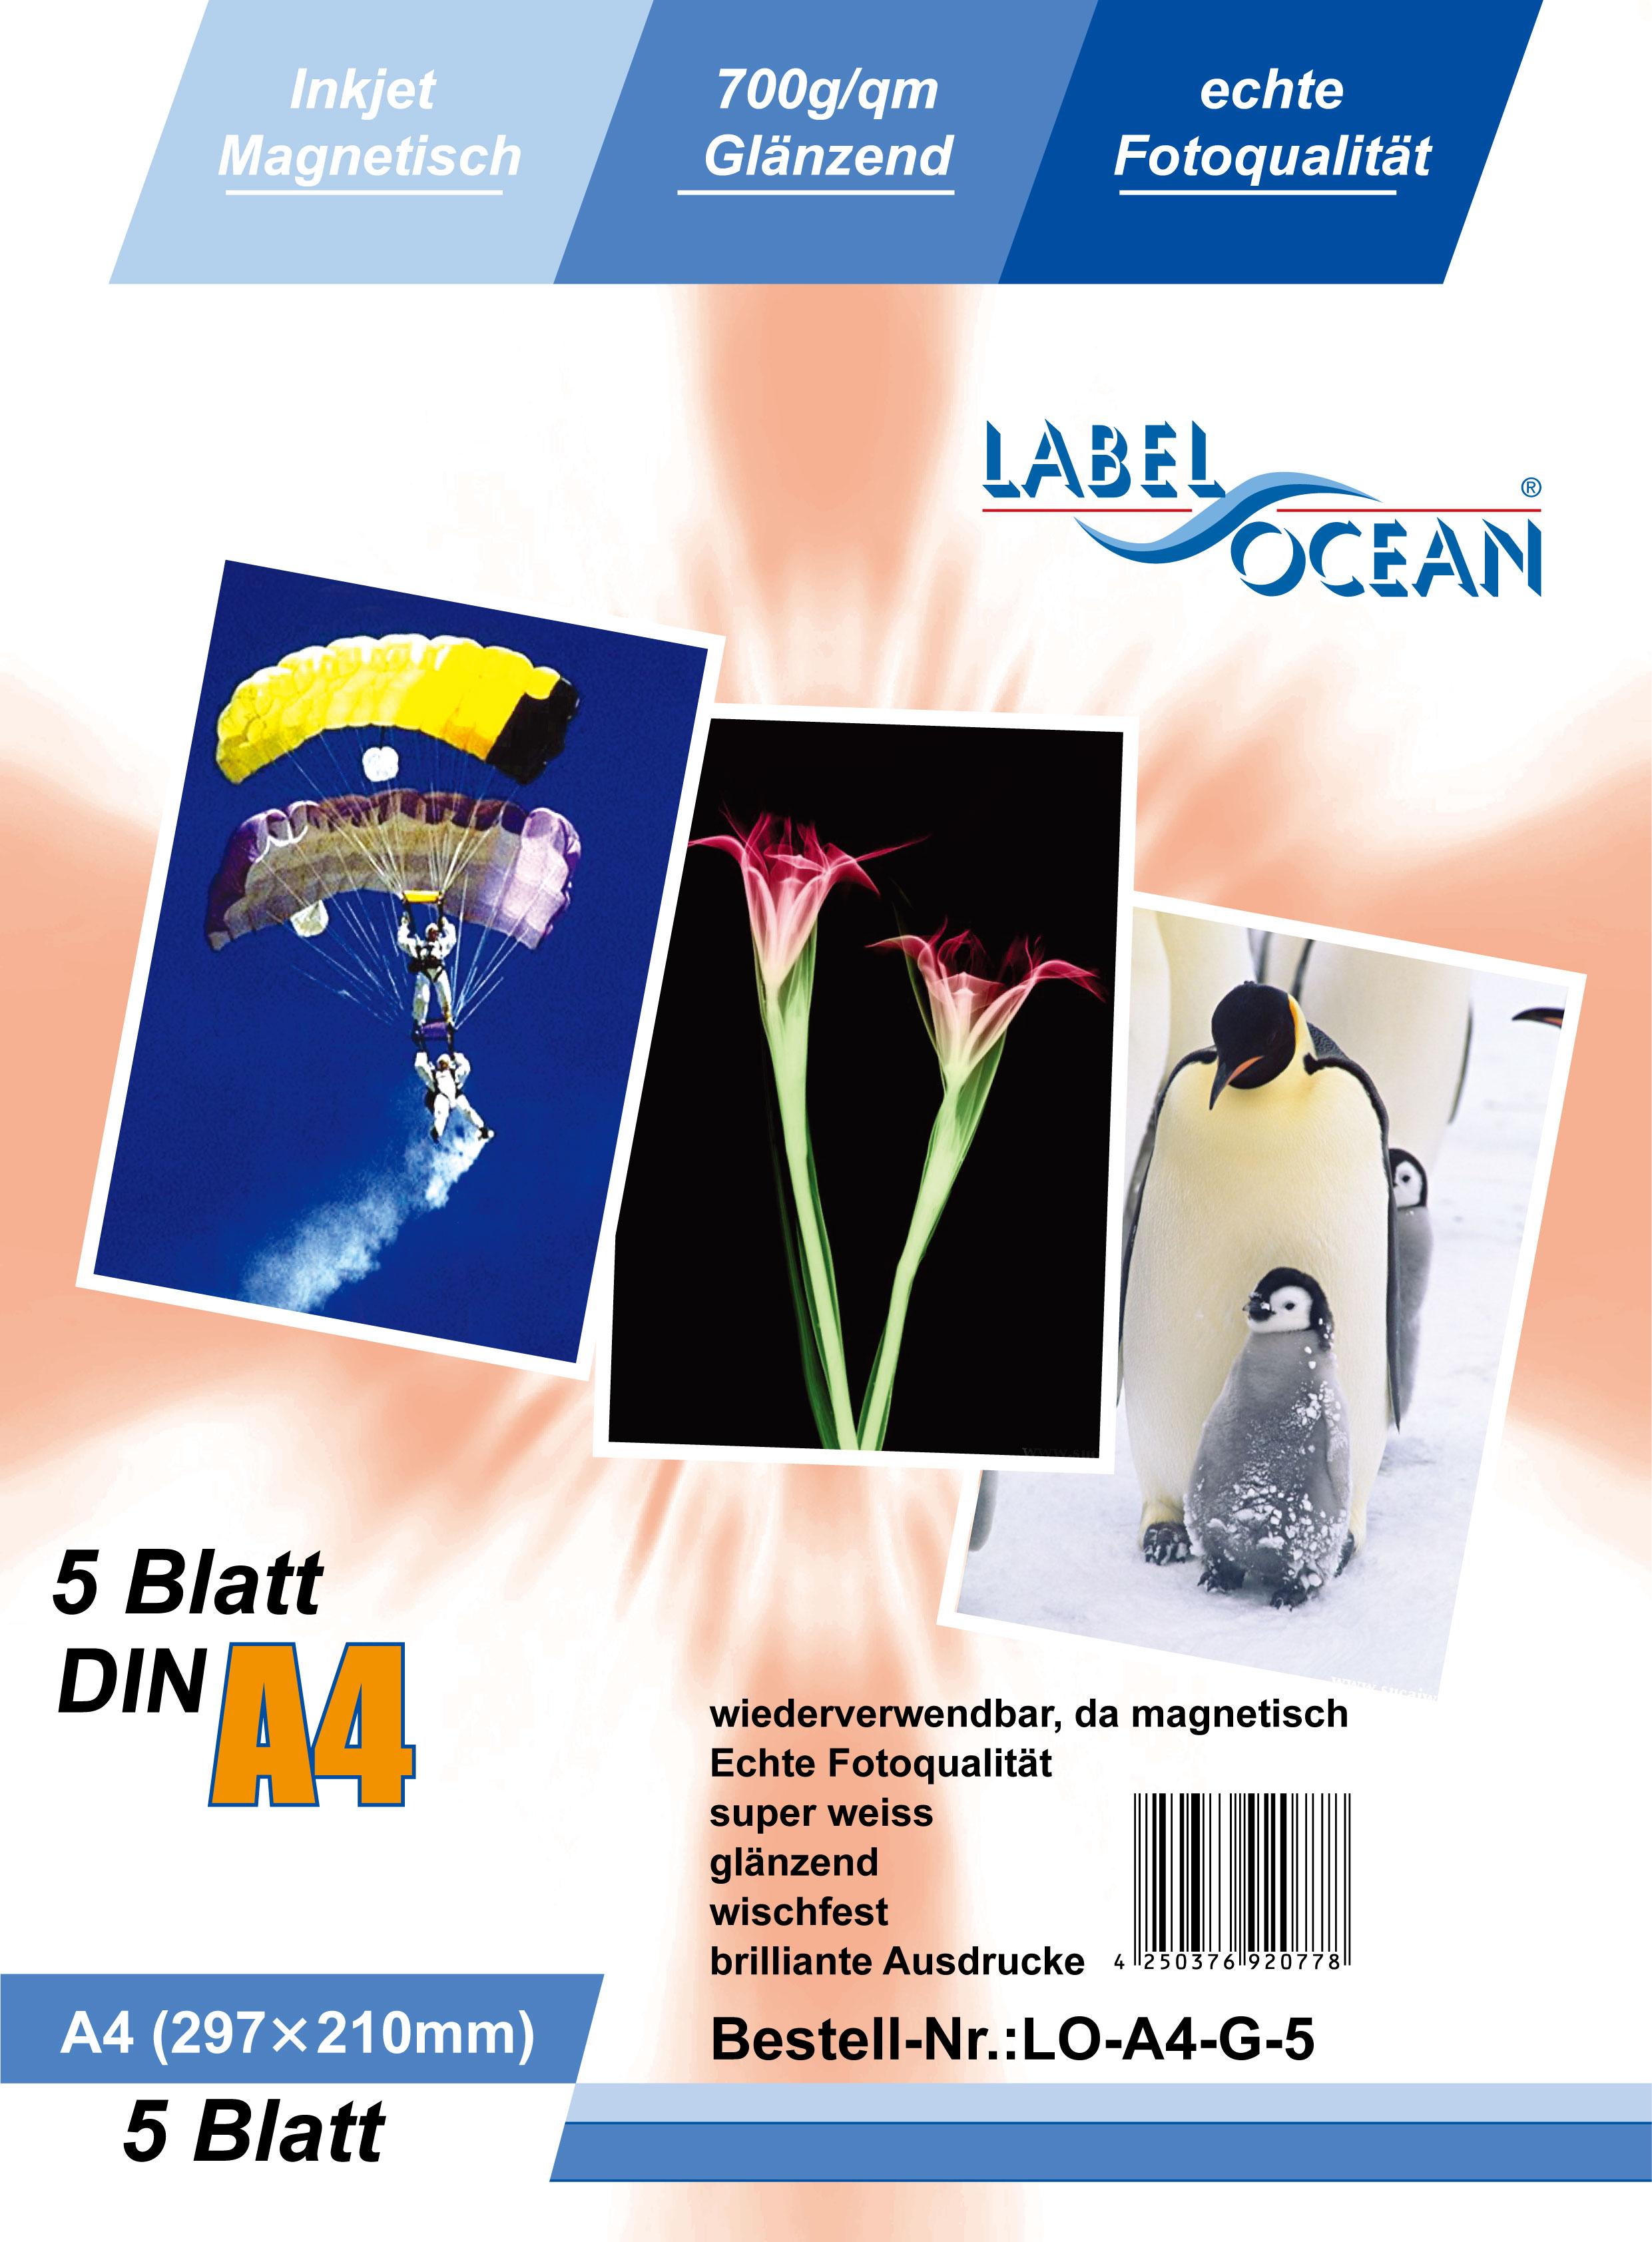 Origineel Premium magnetisch papier van LabelOcean® -LO-A4-G-5